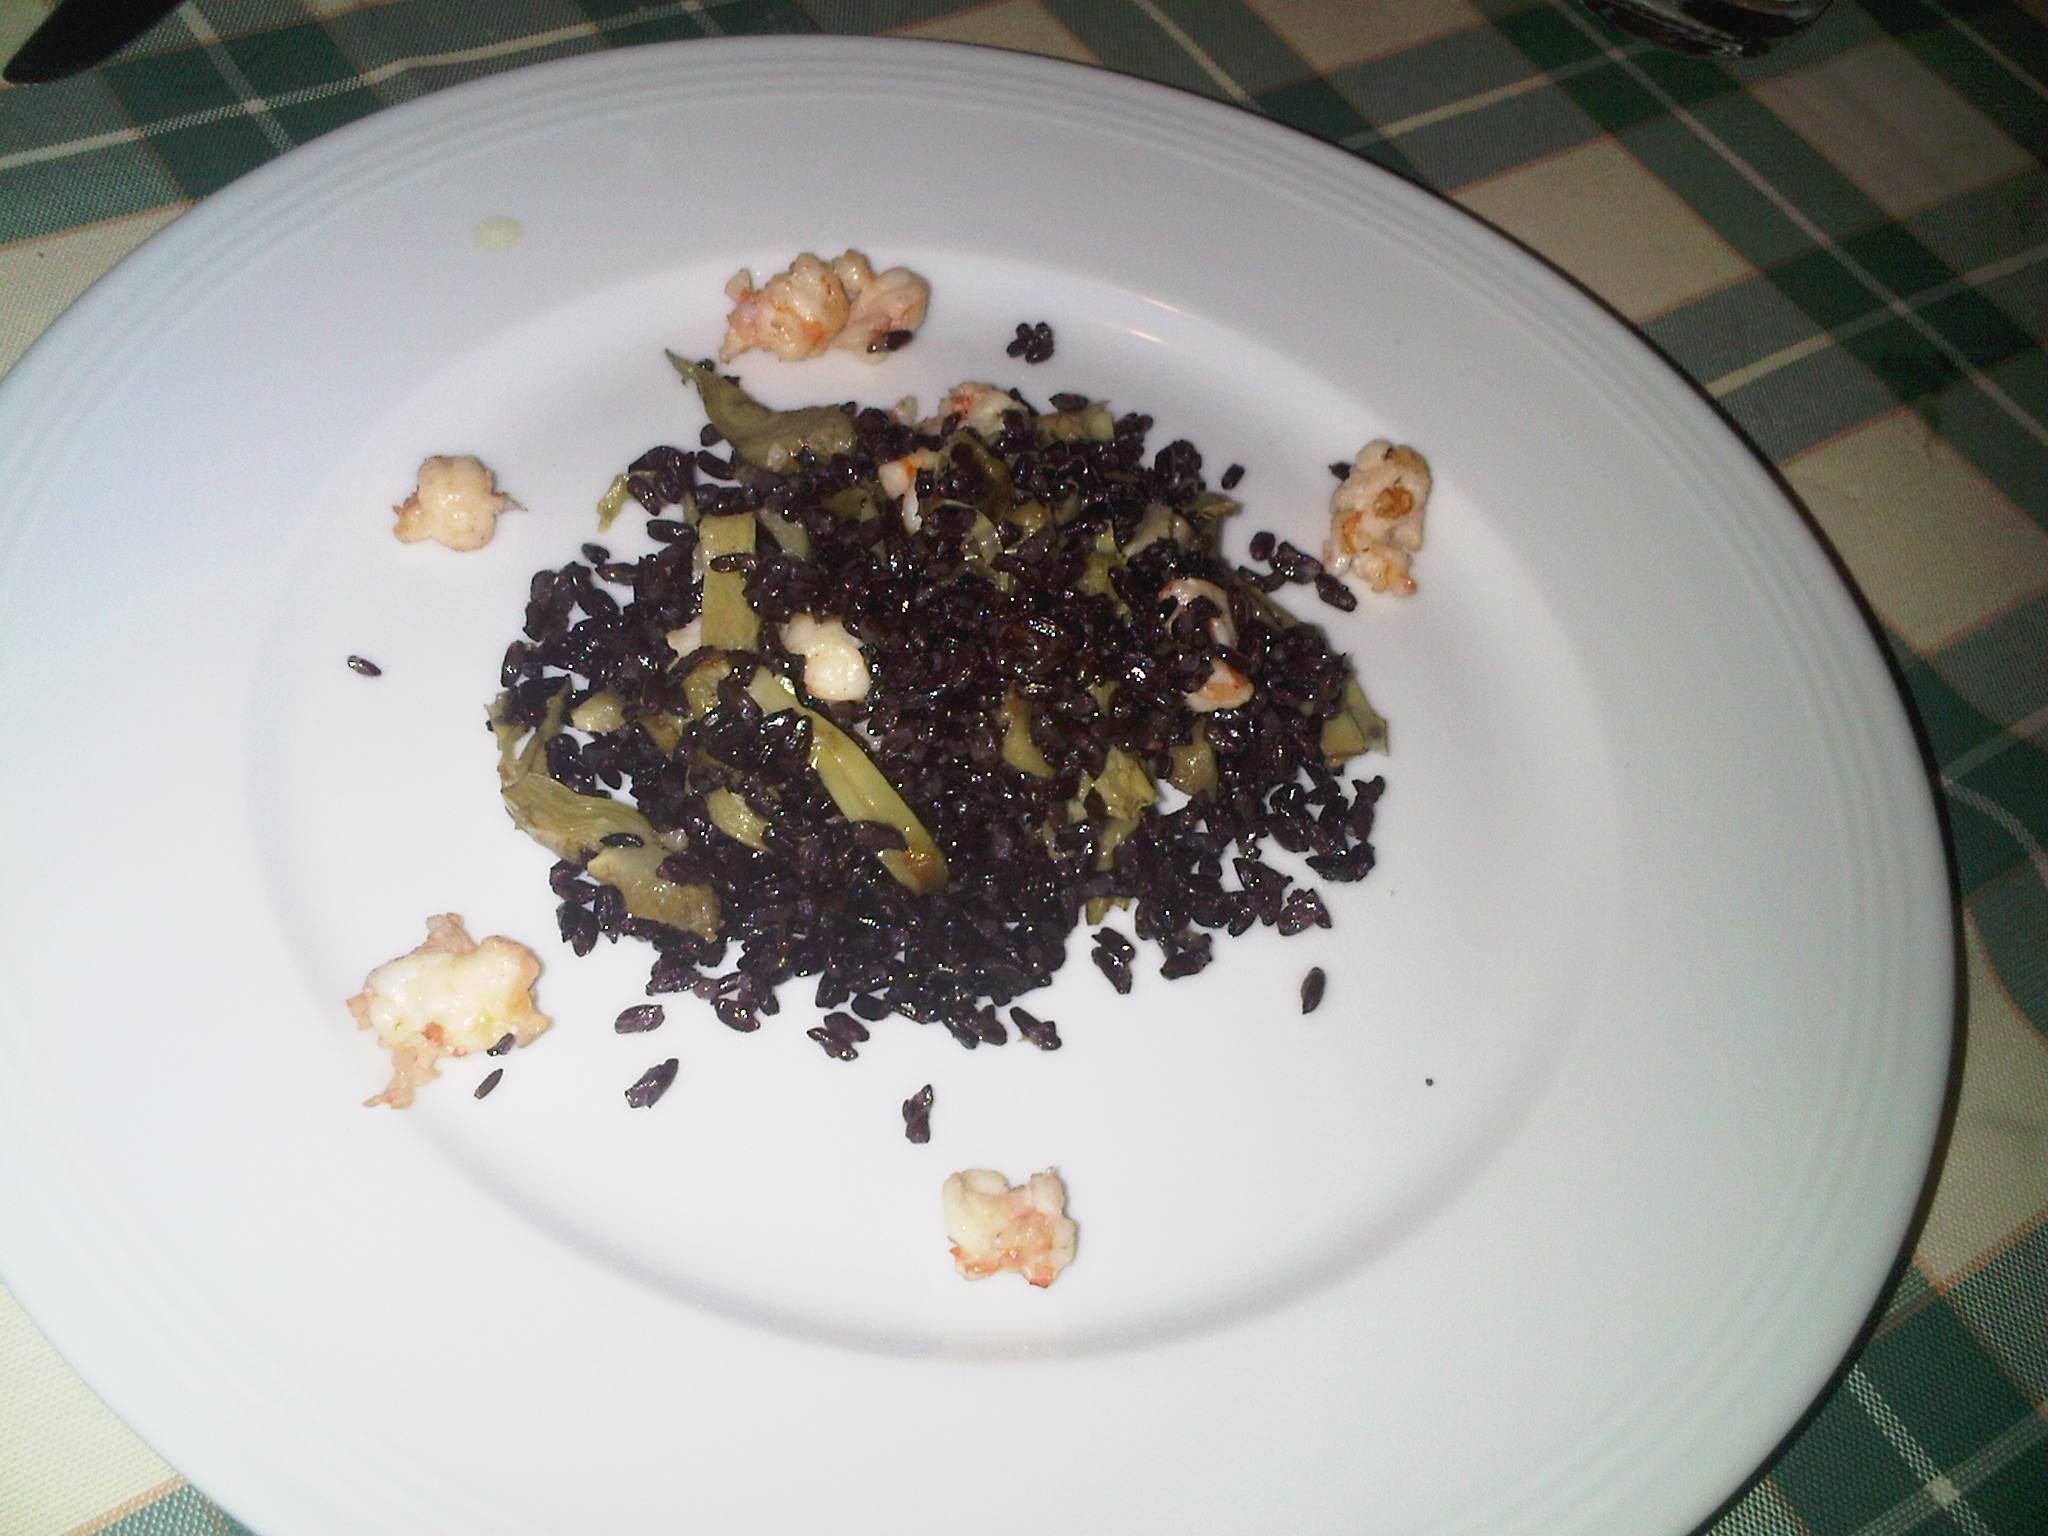 Receta enviada por Daniela- Arroz Negro con Camarones y alcachofas.